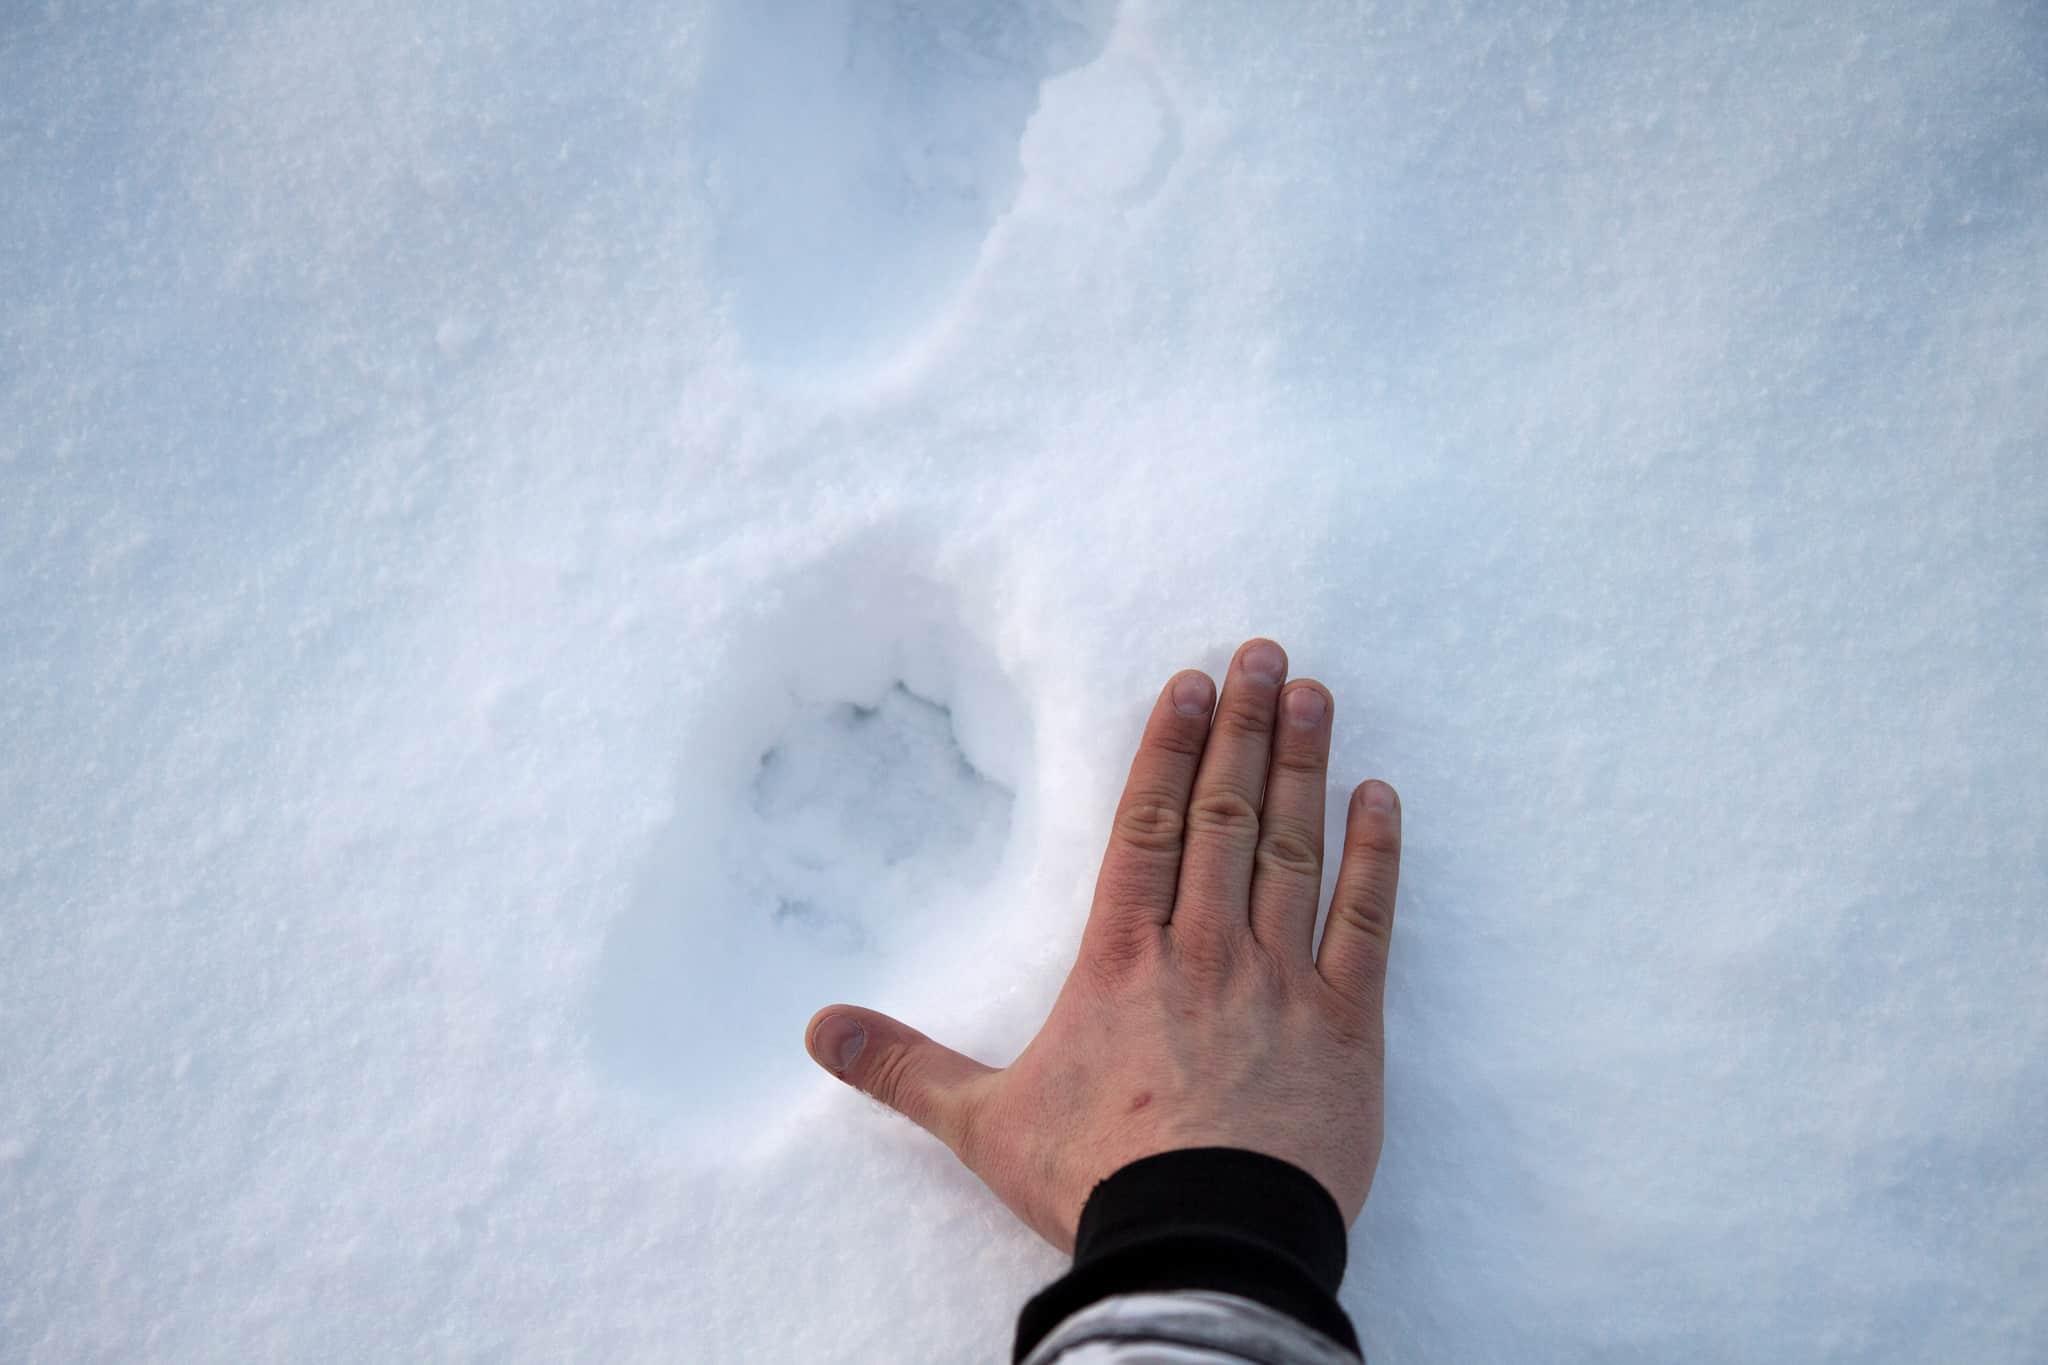 Inventeringar visar att lodjuren är betydligt fler i Gävleborgs län än förvaltningsmålet som satts upp av viltförvaltningsdelegationen. Foto: Olle Olsson